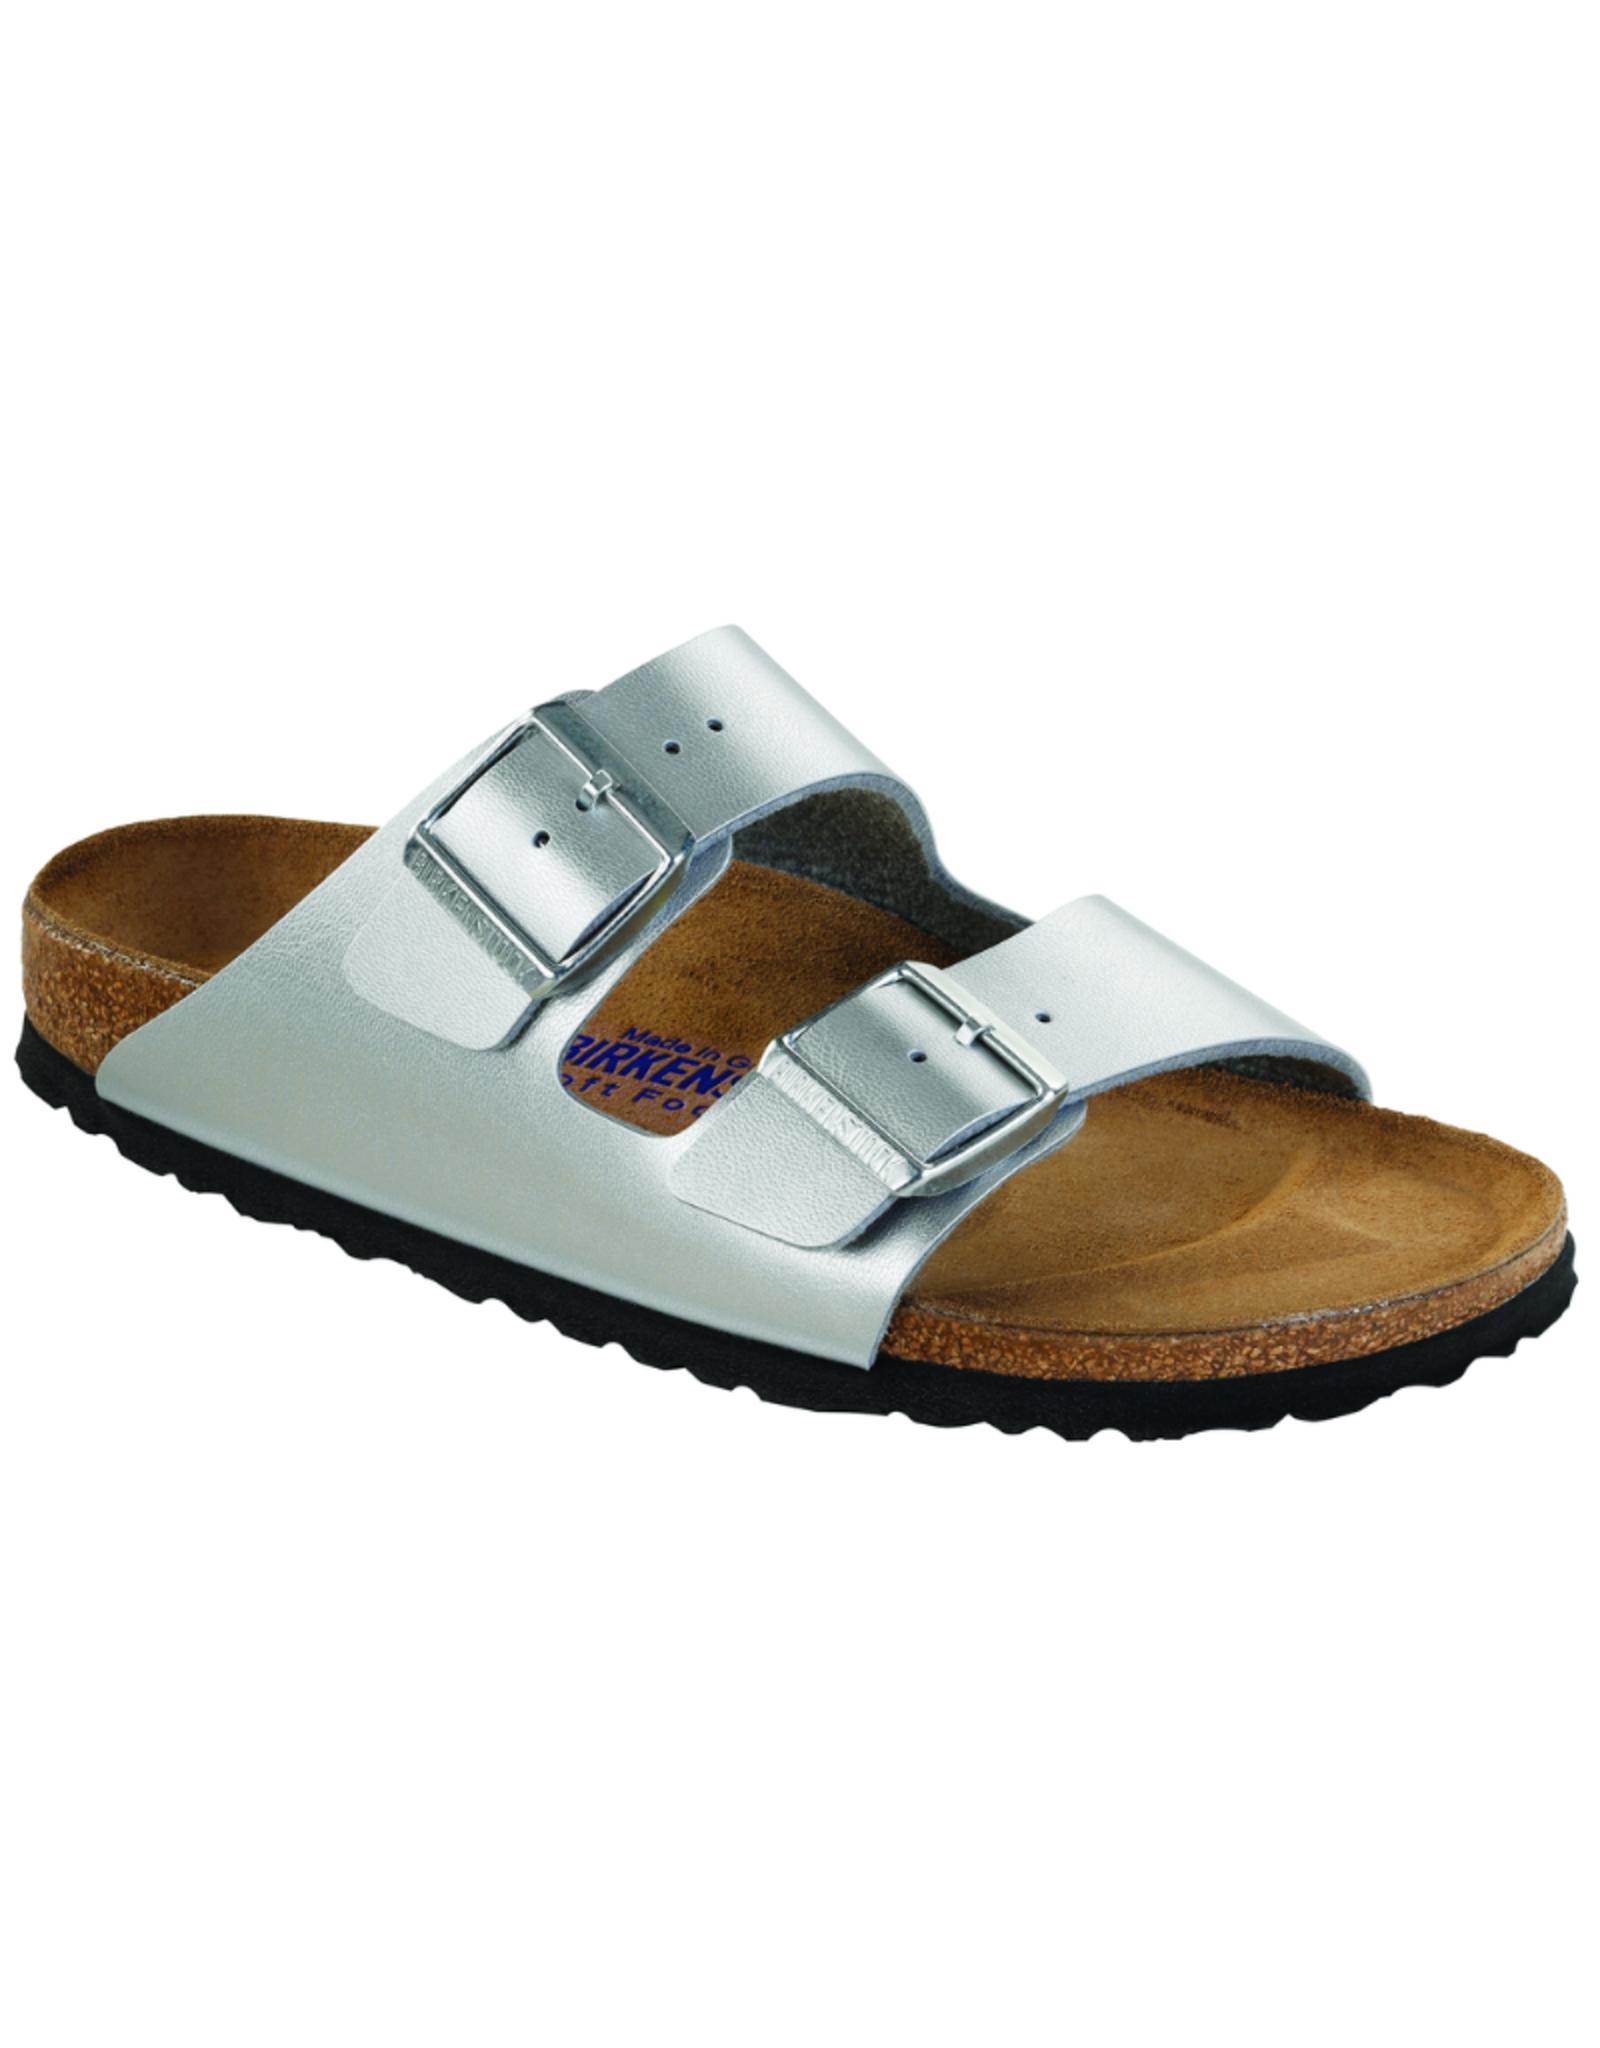 Arizona Silver Birko-Flor Soft Footbed